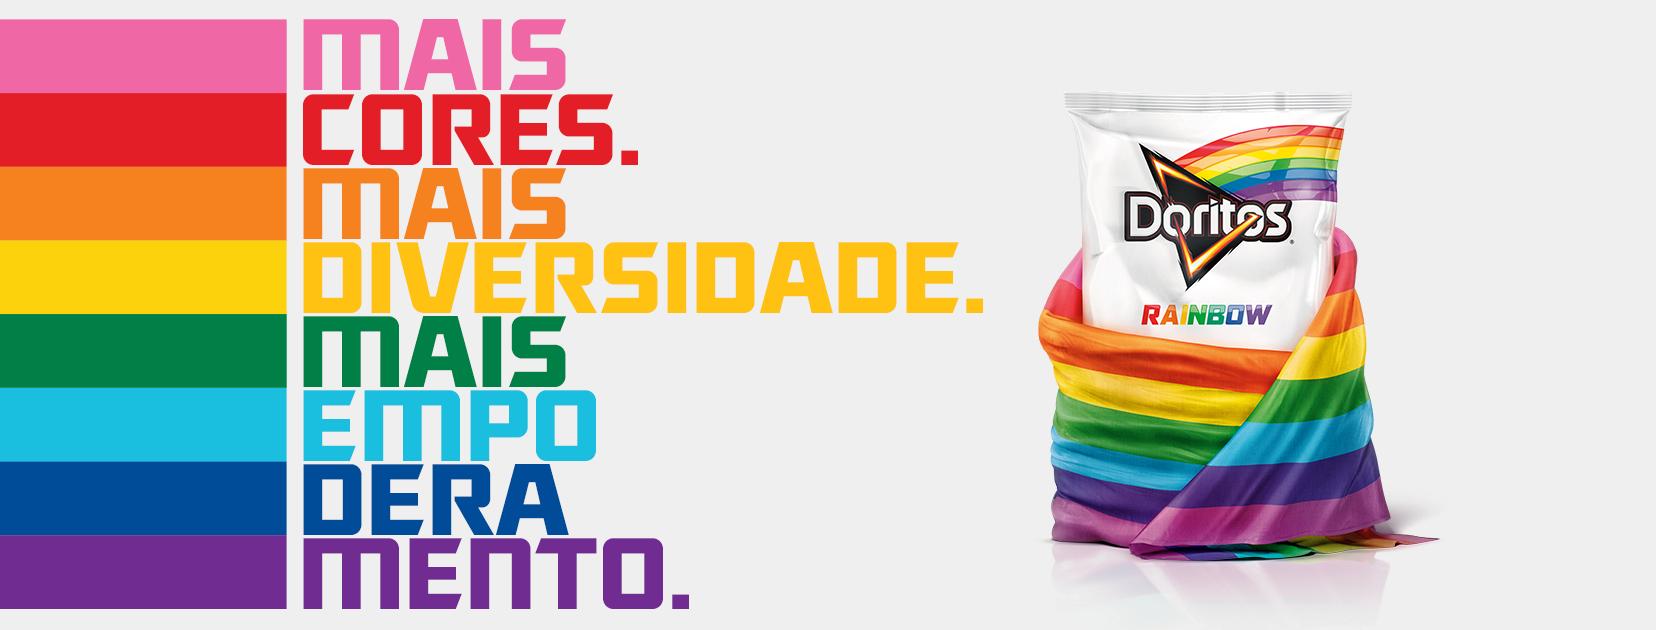 Doritos Rainbow, criado no mês da parada LGBT (Foto: Divulgação)